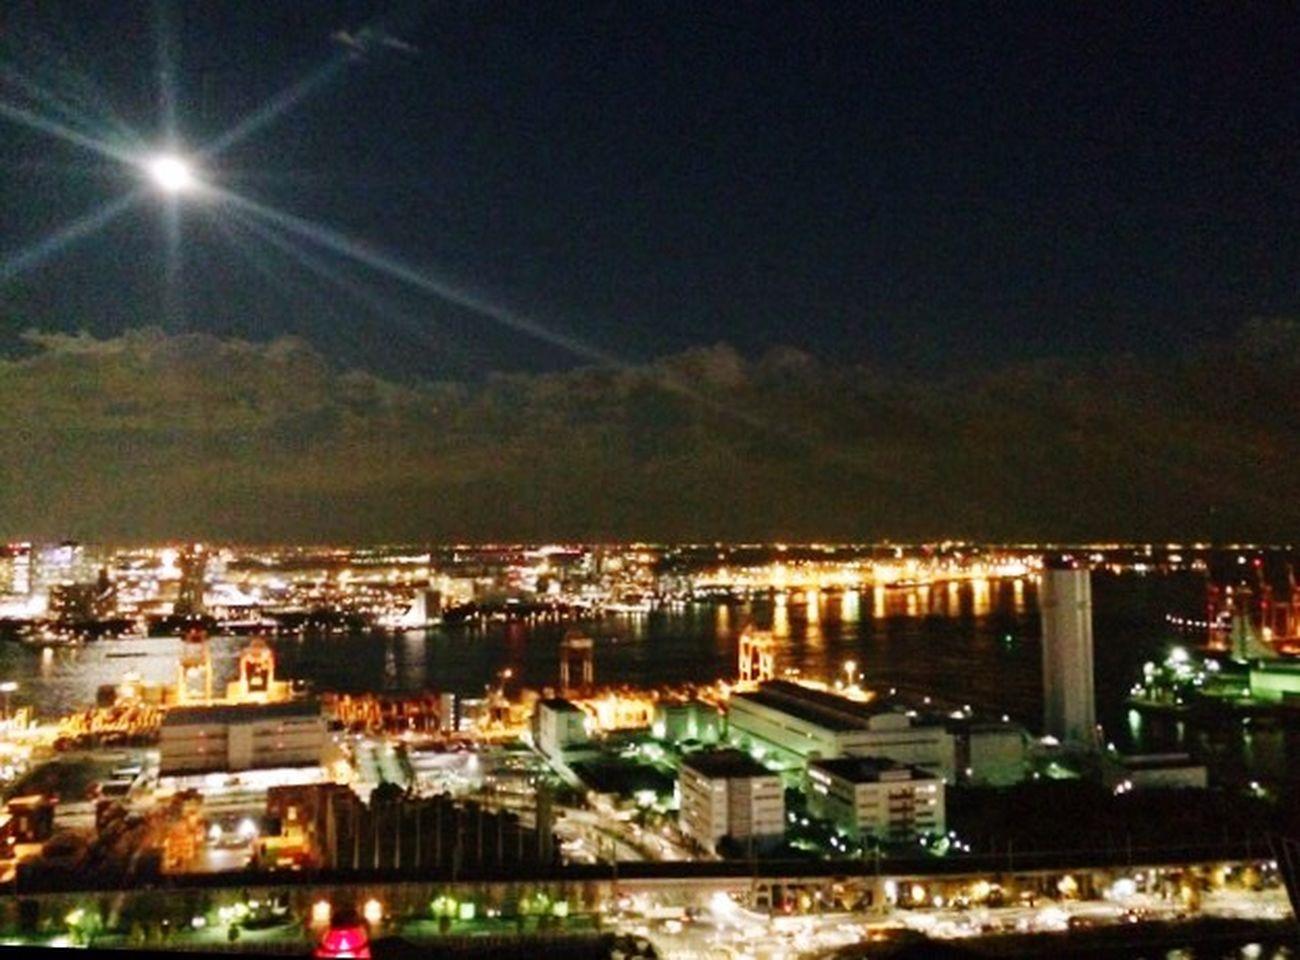 天王洲アイル オフィスビル屋上から撮影。東京湾も捨てたもんじゃぁ ござーせん Tokyobay 東京湾 天王洲アイル